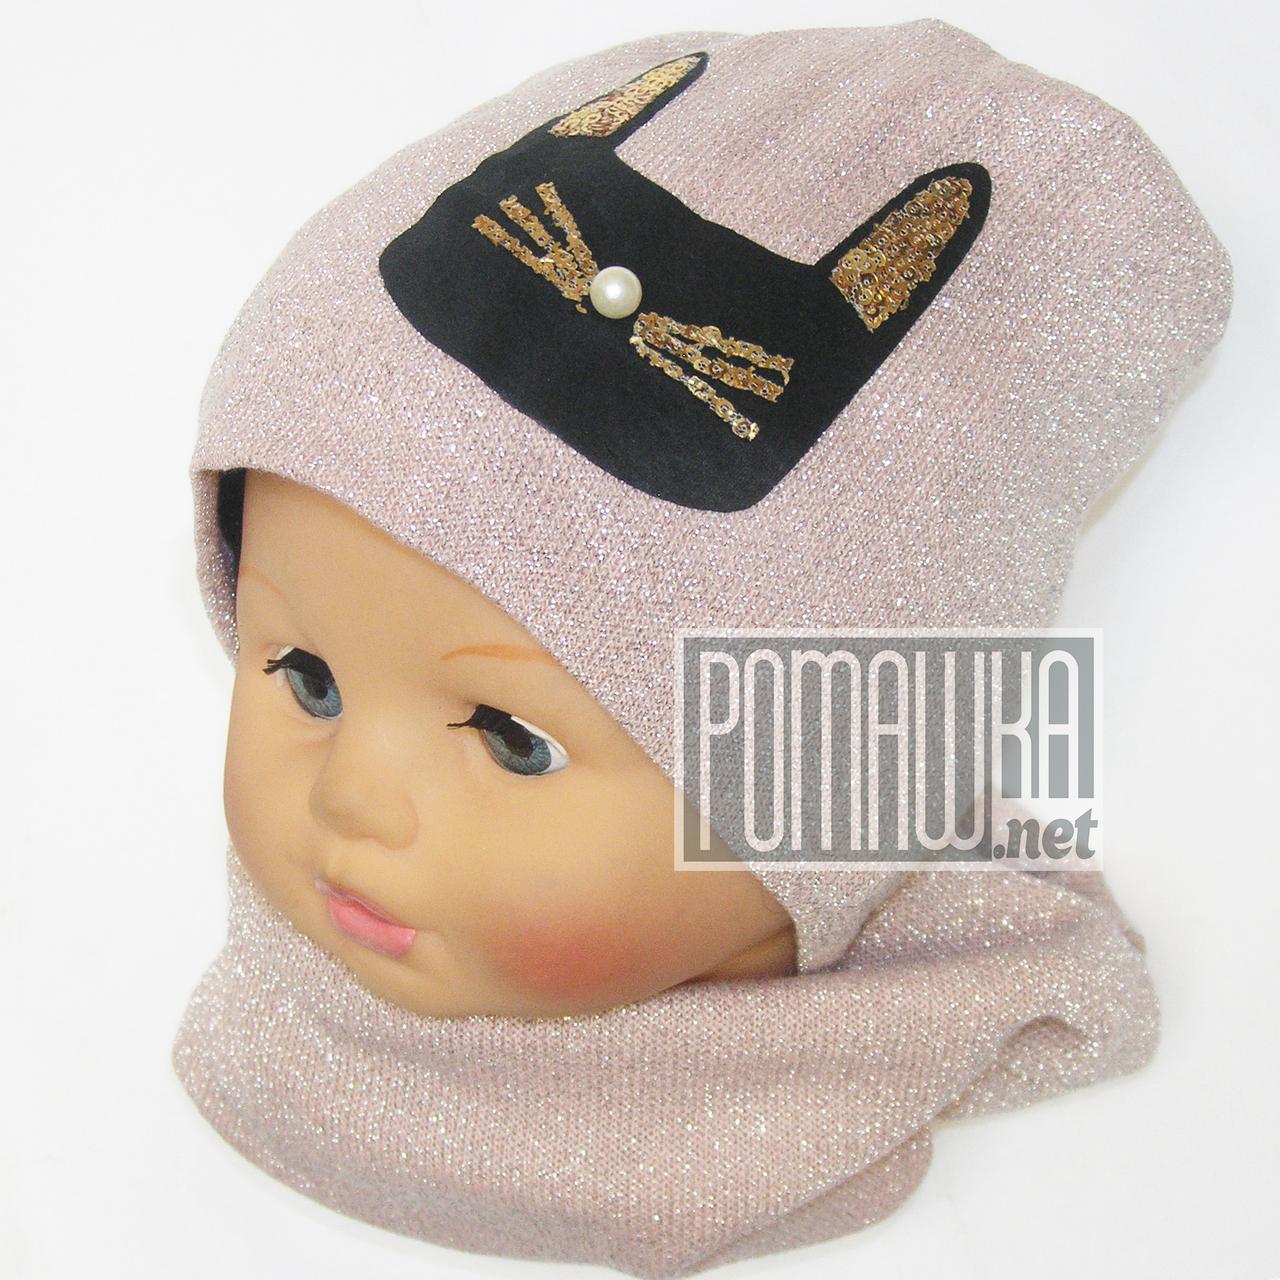 Комплект шапка и снуд (хомут) р. 46-50 для девочки отлично тянется 4361  Розовый 48 cbd907a294540